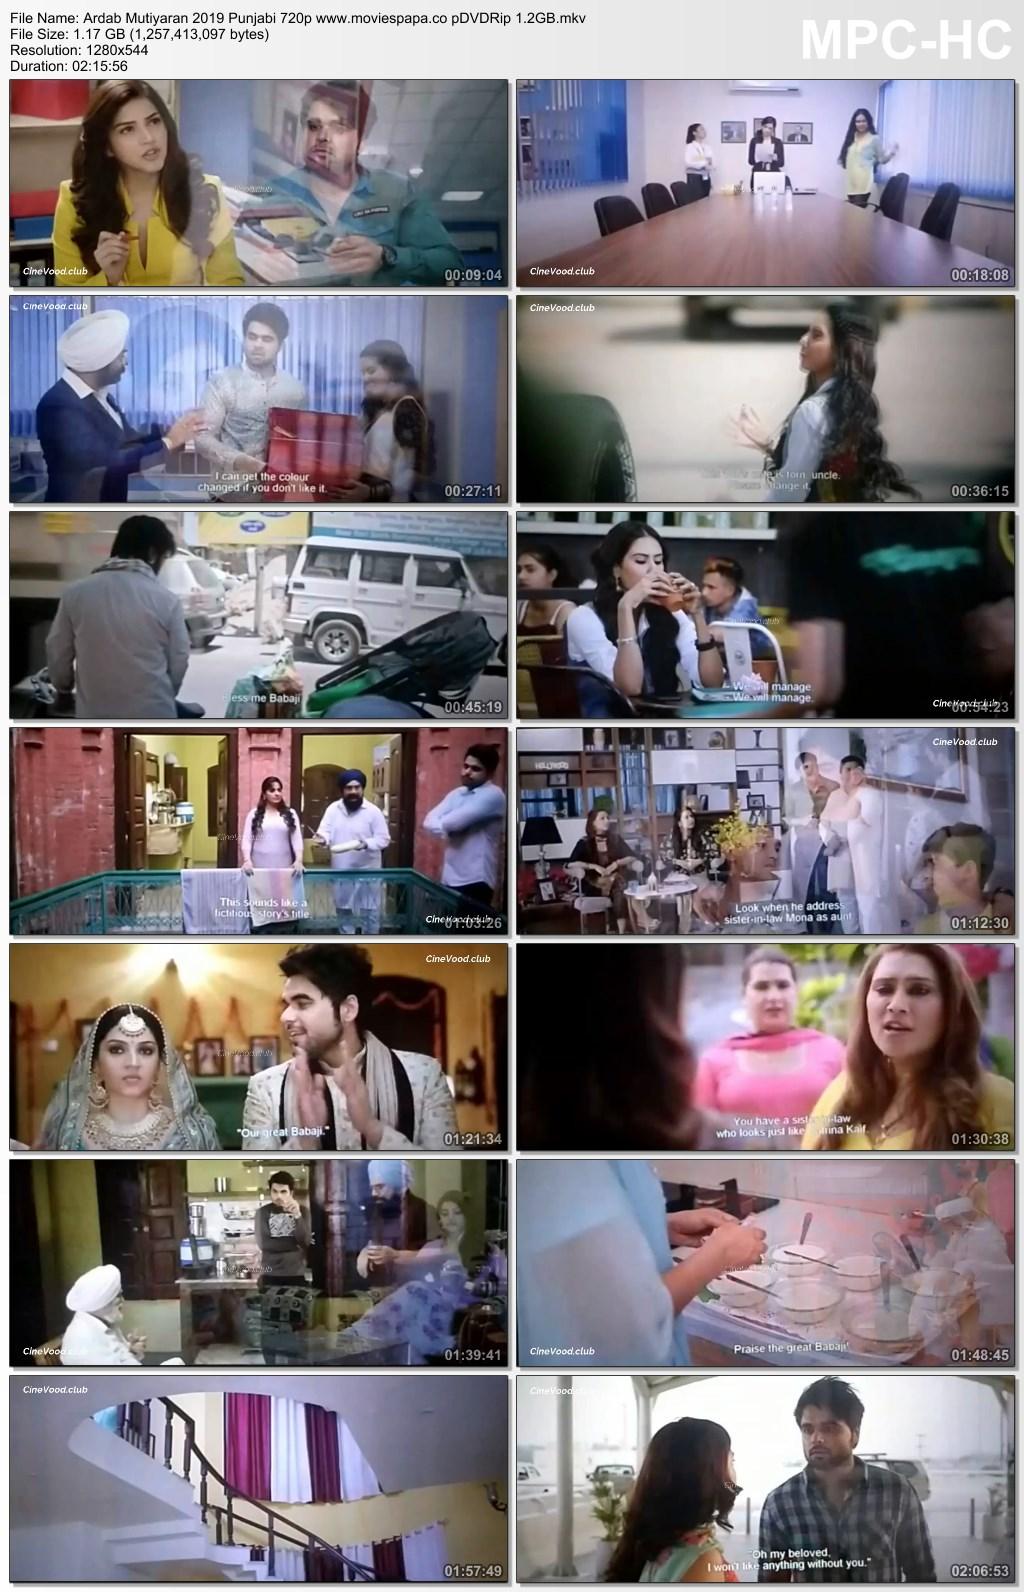 mkv movie 2019 Ardab Mutiyaran 2019 Punjabi 720p PDVDRip 12GB Download